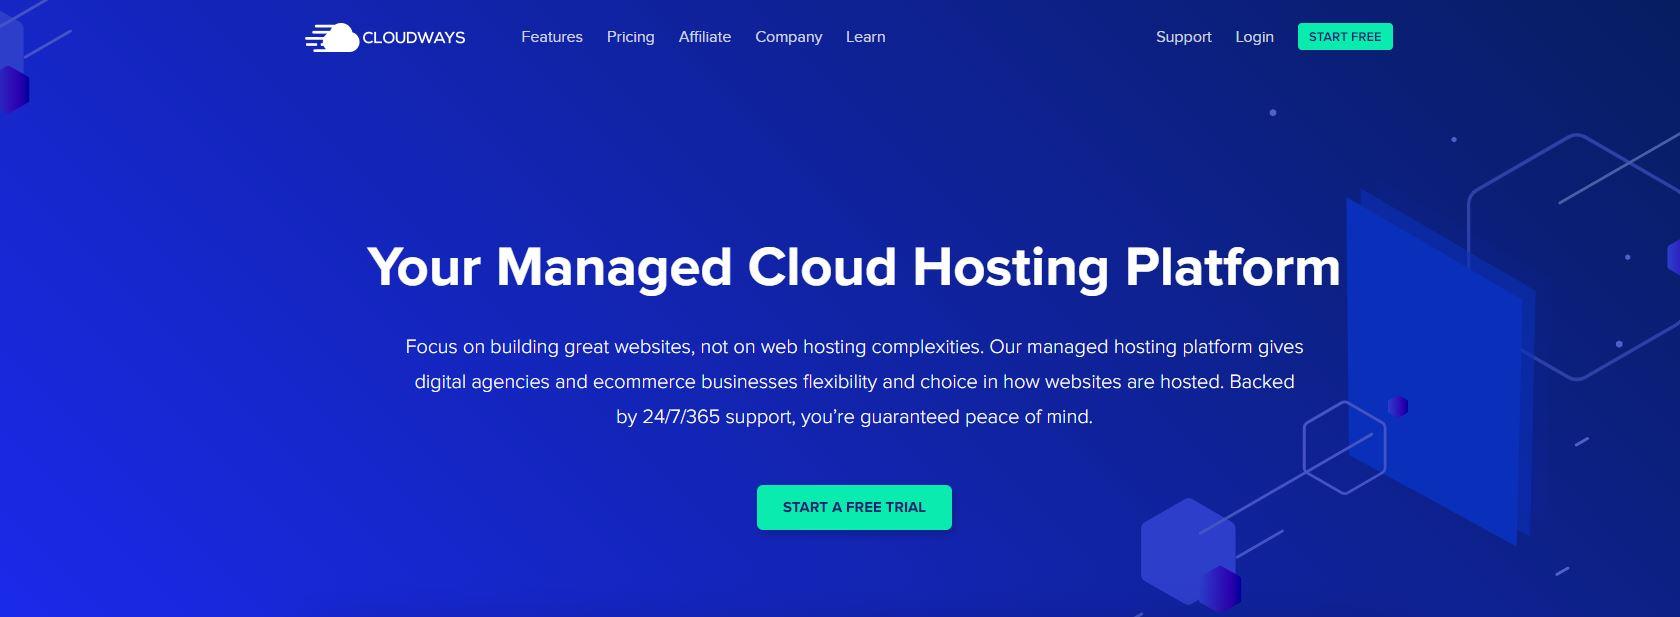 CloudWays cloud hosting